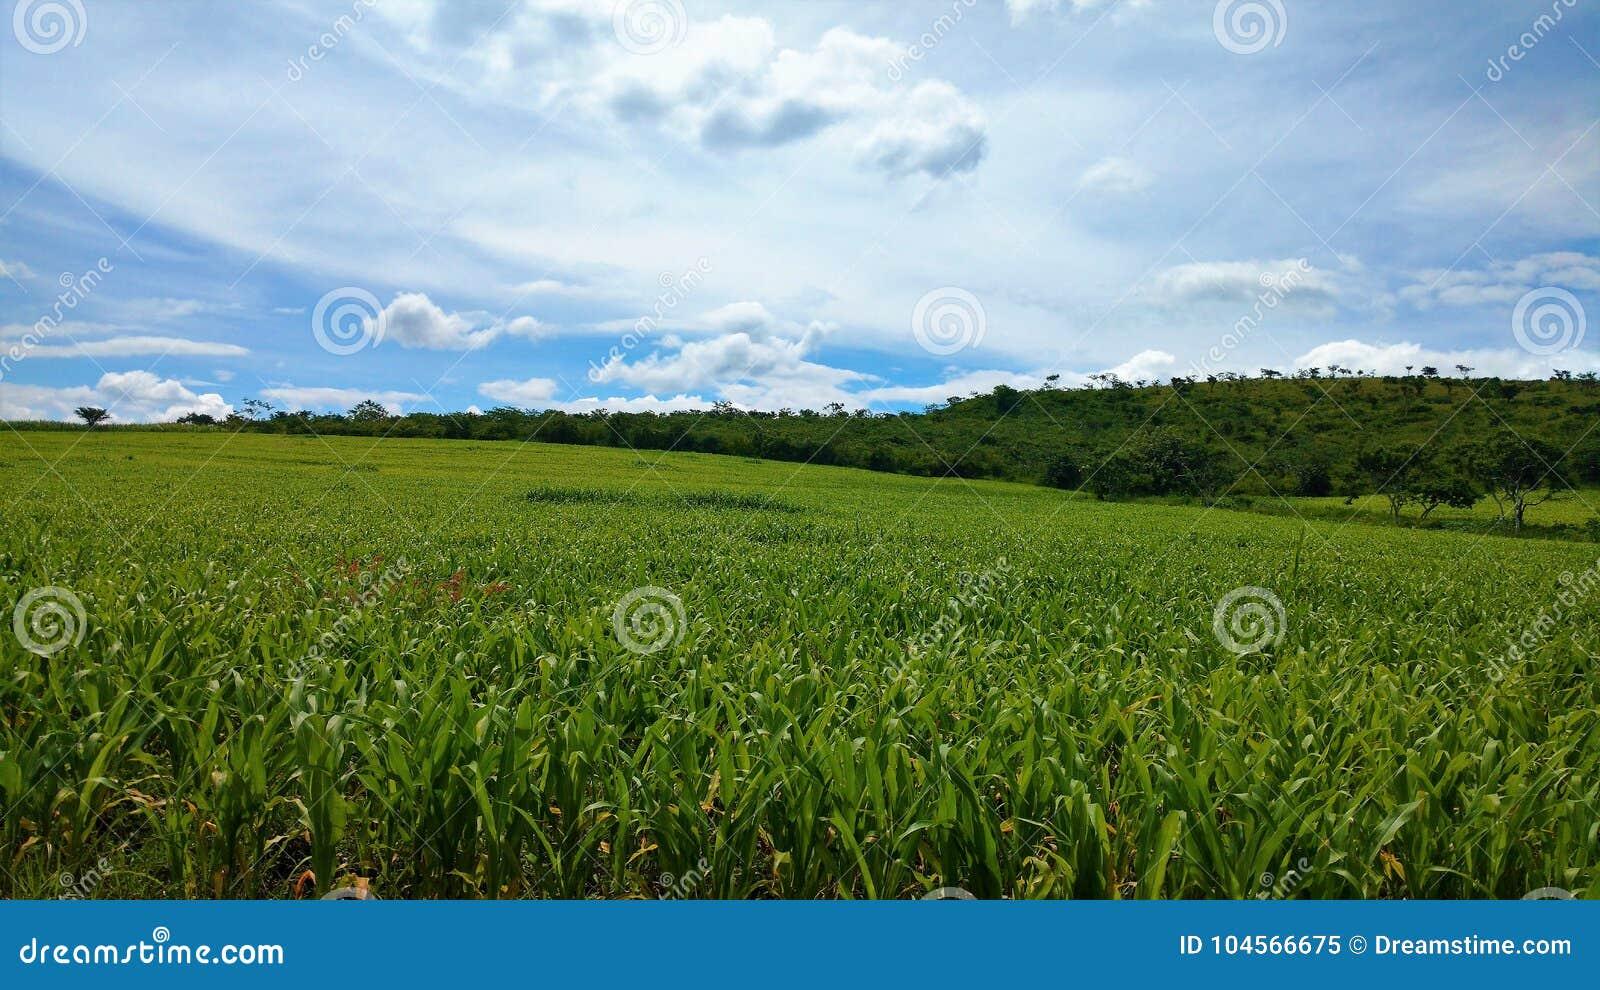 玉米庄稼在蓝天下